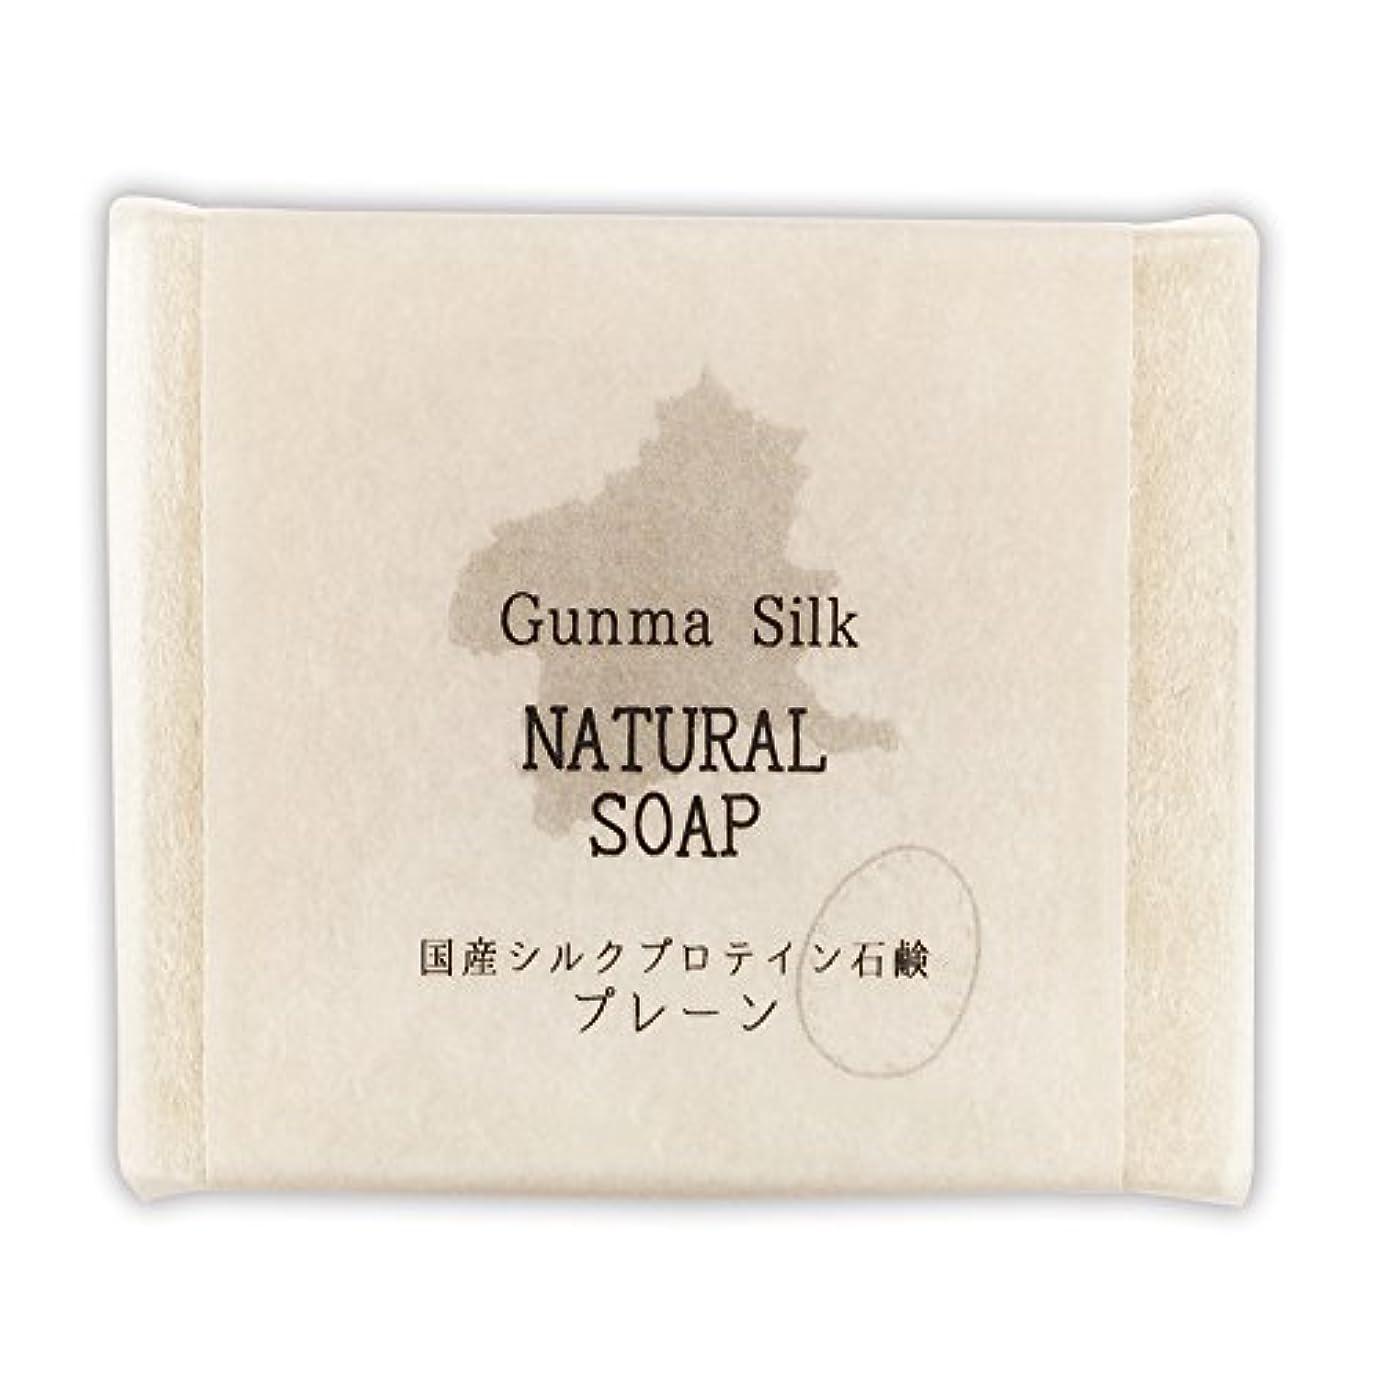 物足りないくぼみどきどきBN 国産シルクプロテイン石鹸 プレーン SKS-01 (1個)